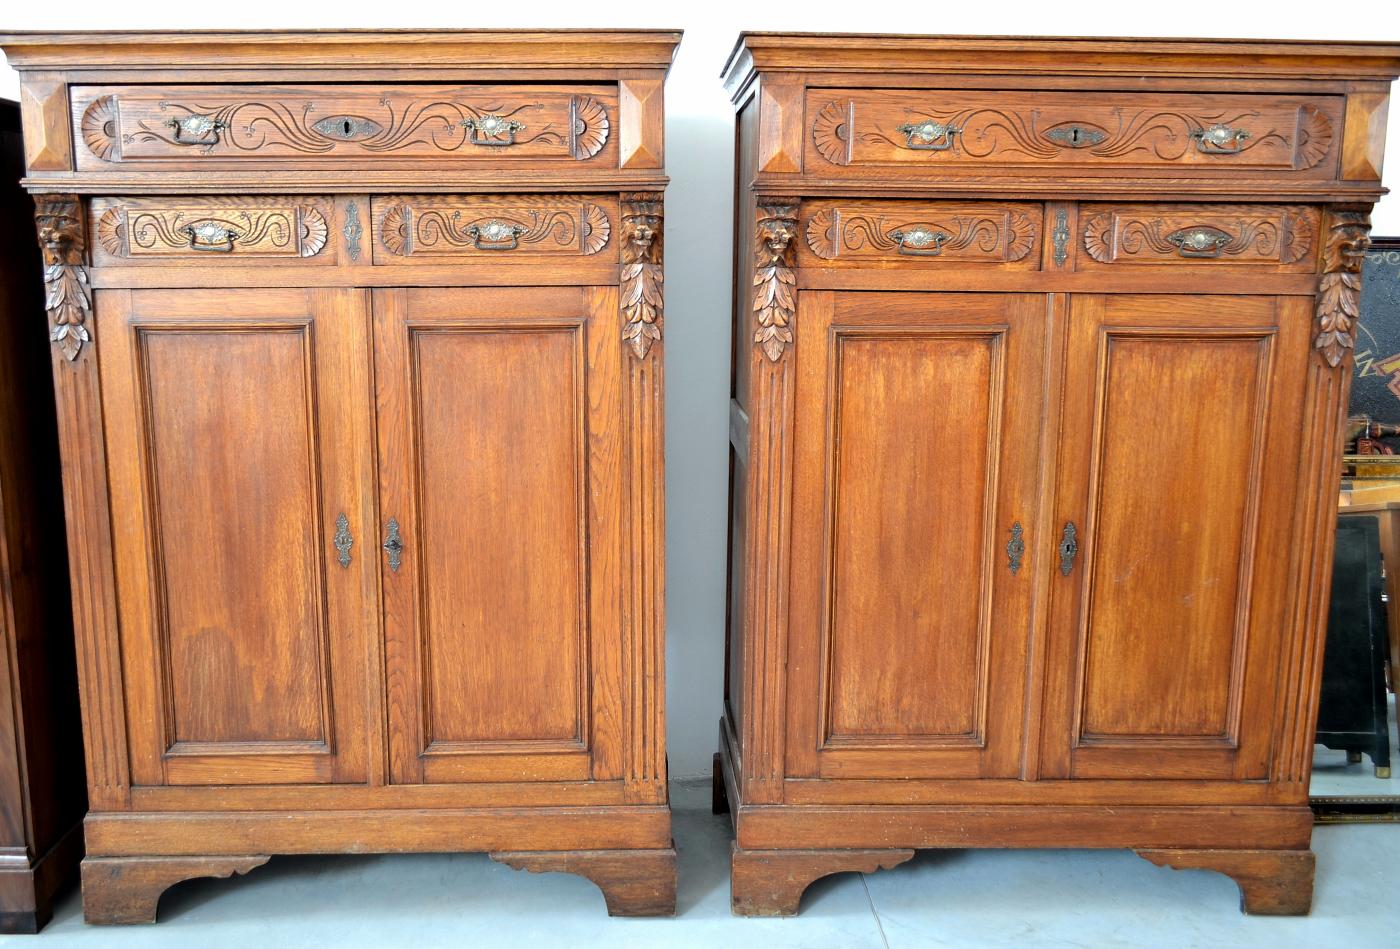 Credent stil Parisienne din lemn de stejar